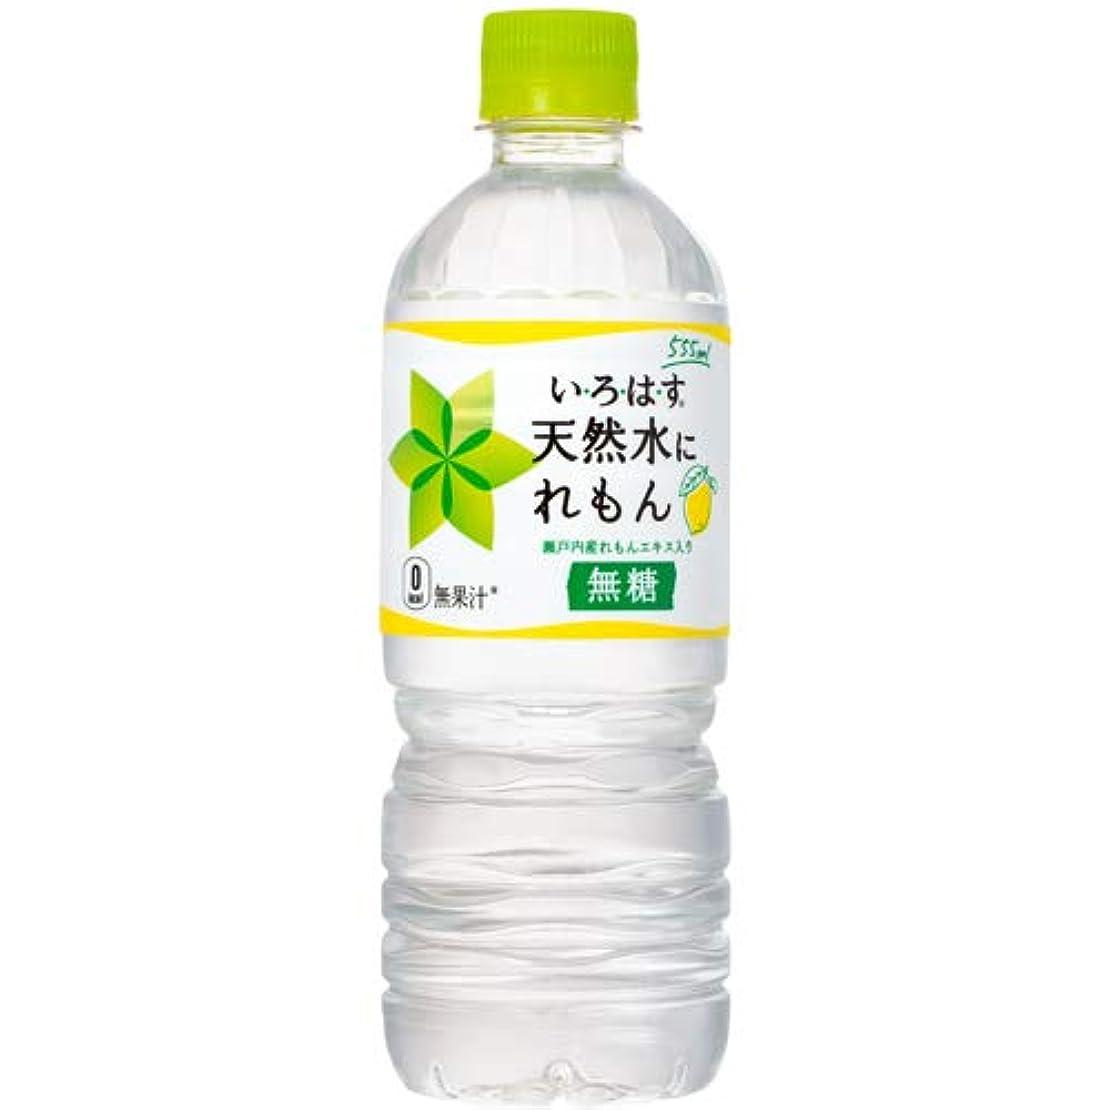 パドルクリップ蝶要旨い?ろ?は?す 天然水にれもん 555mlPET×24本 いろはす レモン Coca Cola